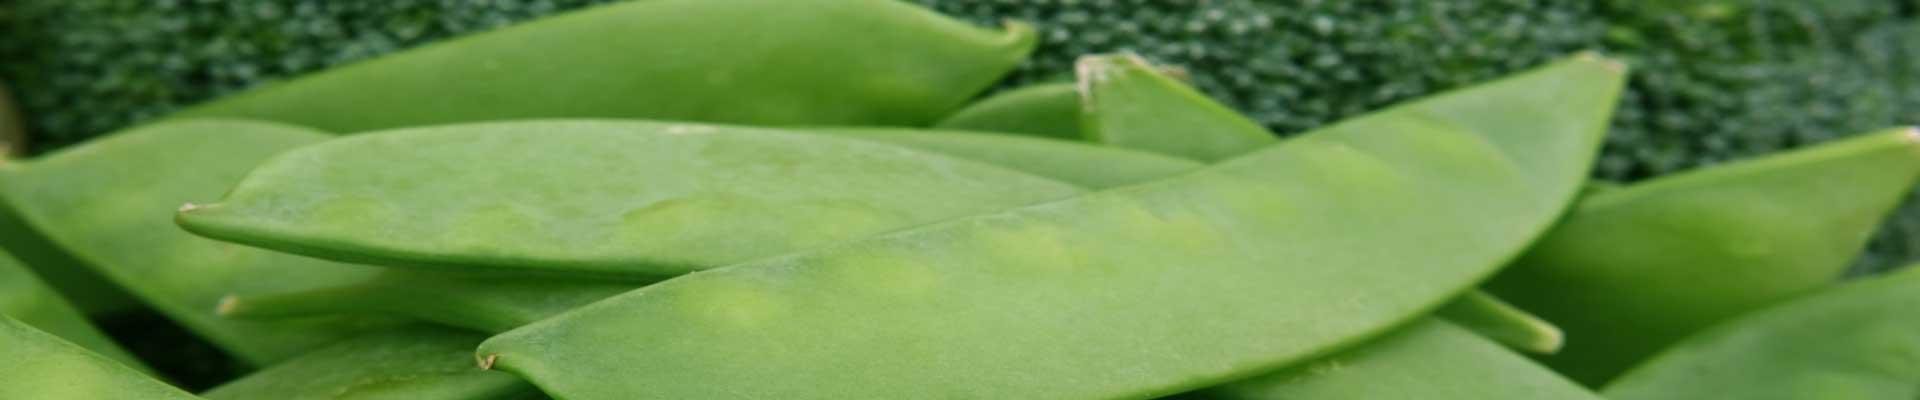 hoe lang moeten peultjes koken? de jonge peulen van de doperwtenplant.